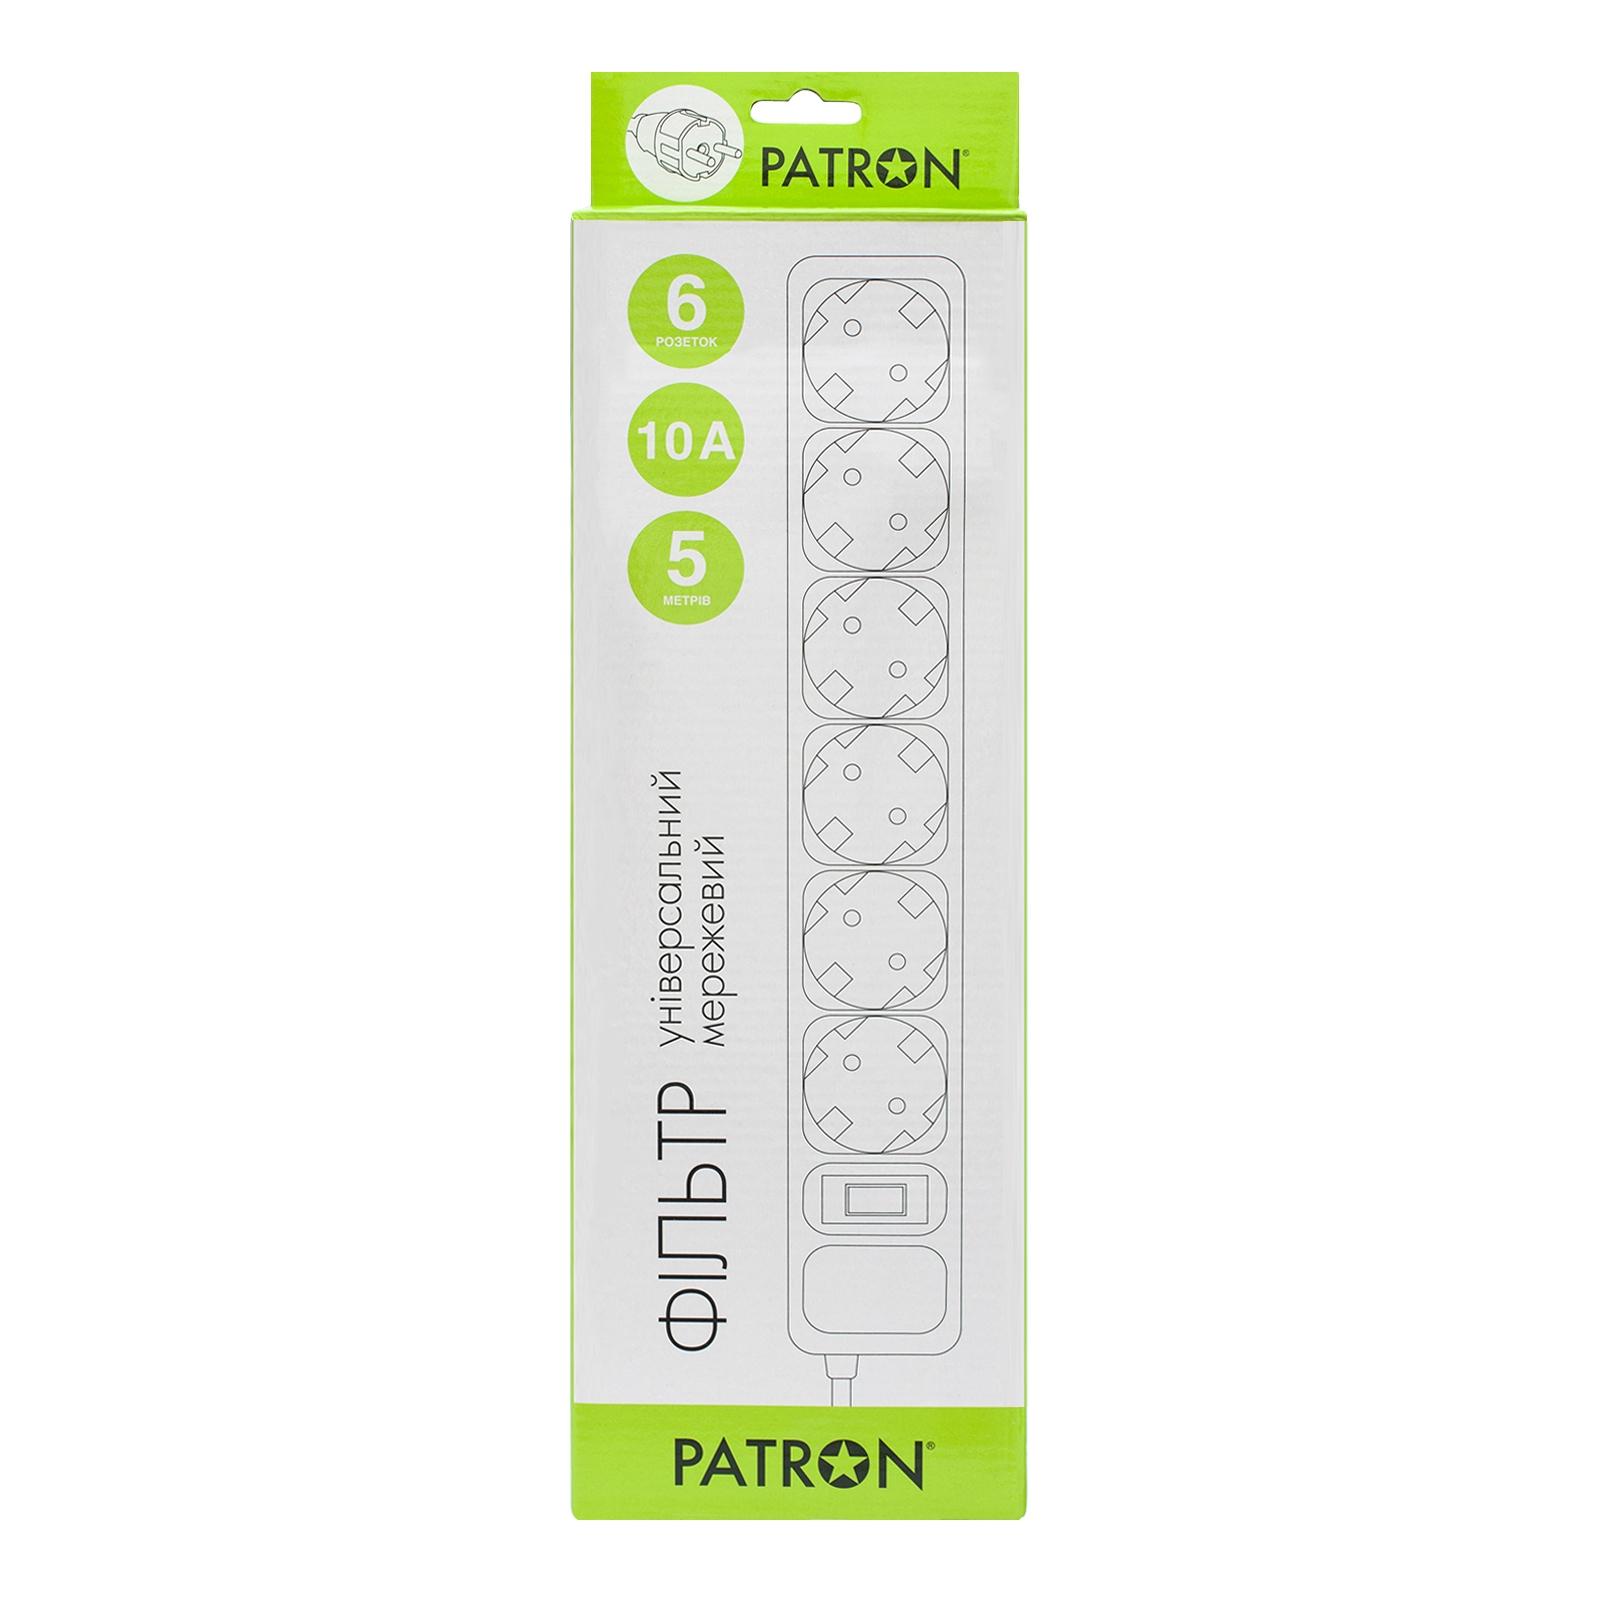 Сетевой фильтр питания Patron 5m (SP-1065W), 6 розеток White (EXT-PN-SP-1065W) изображение 2